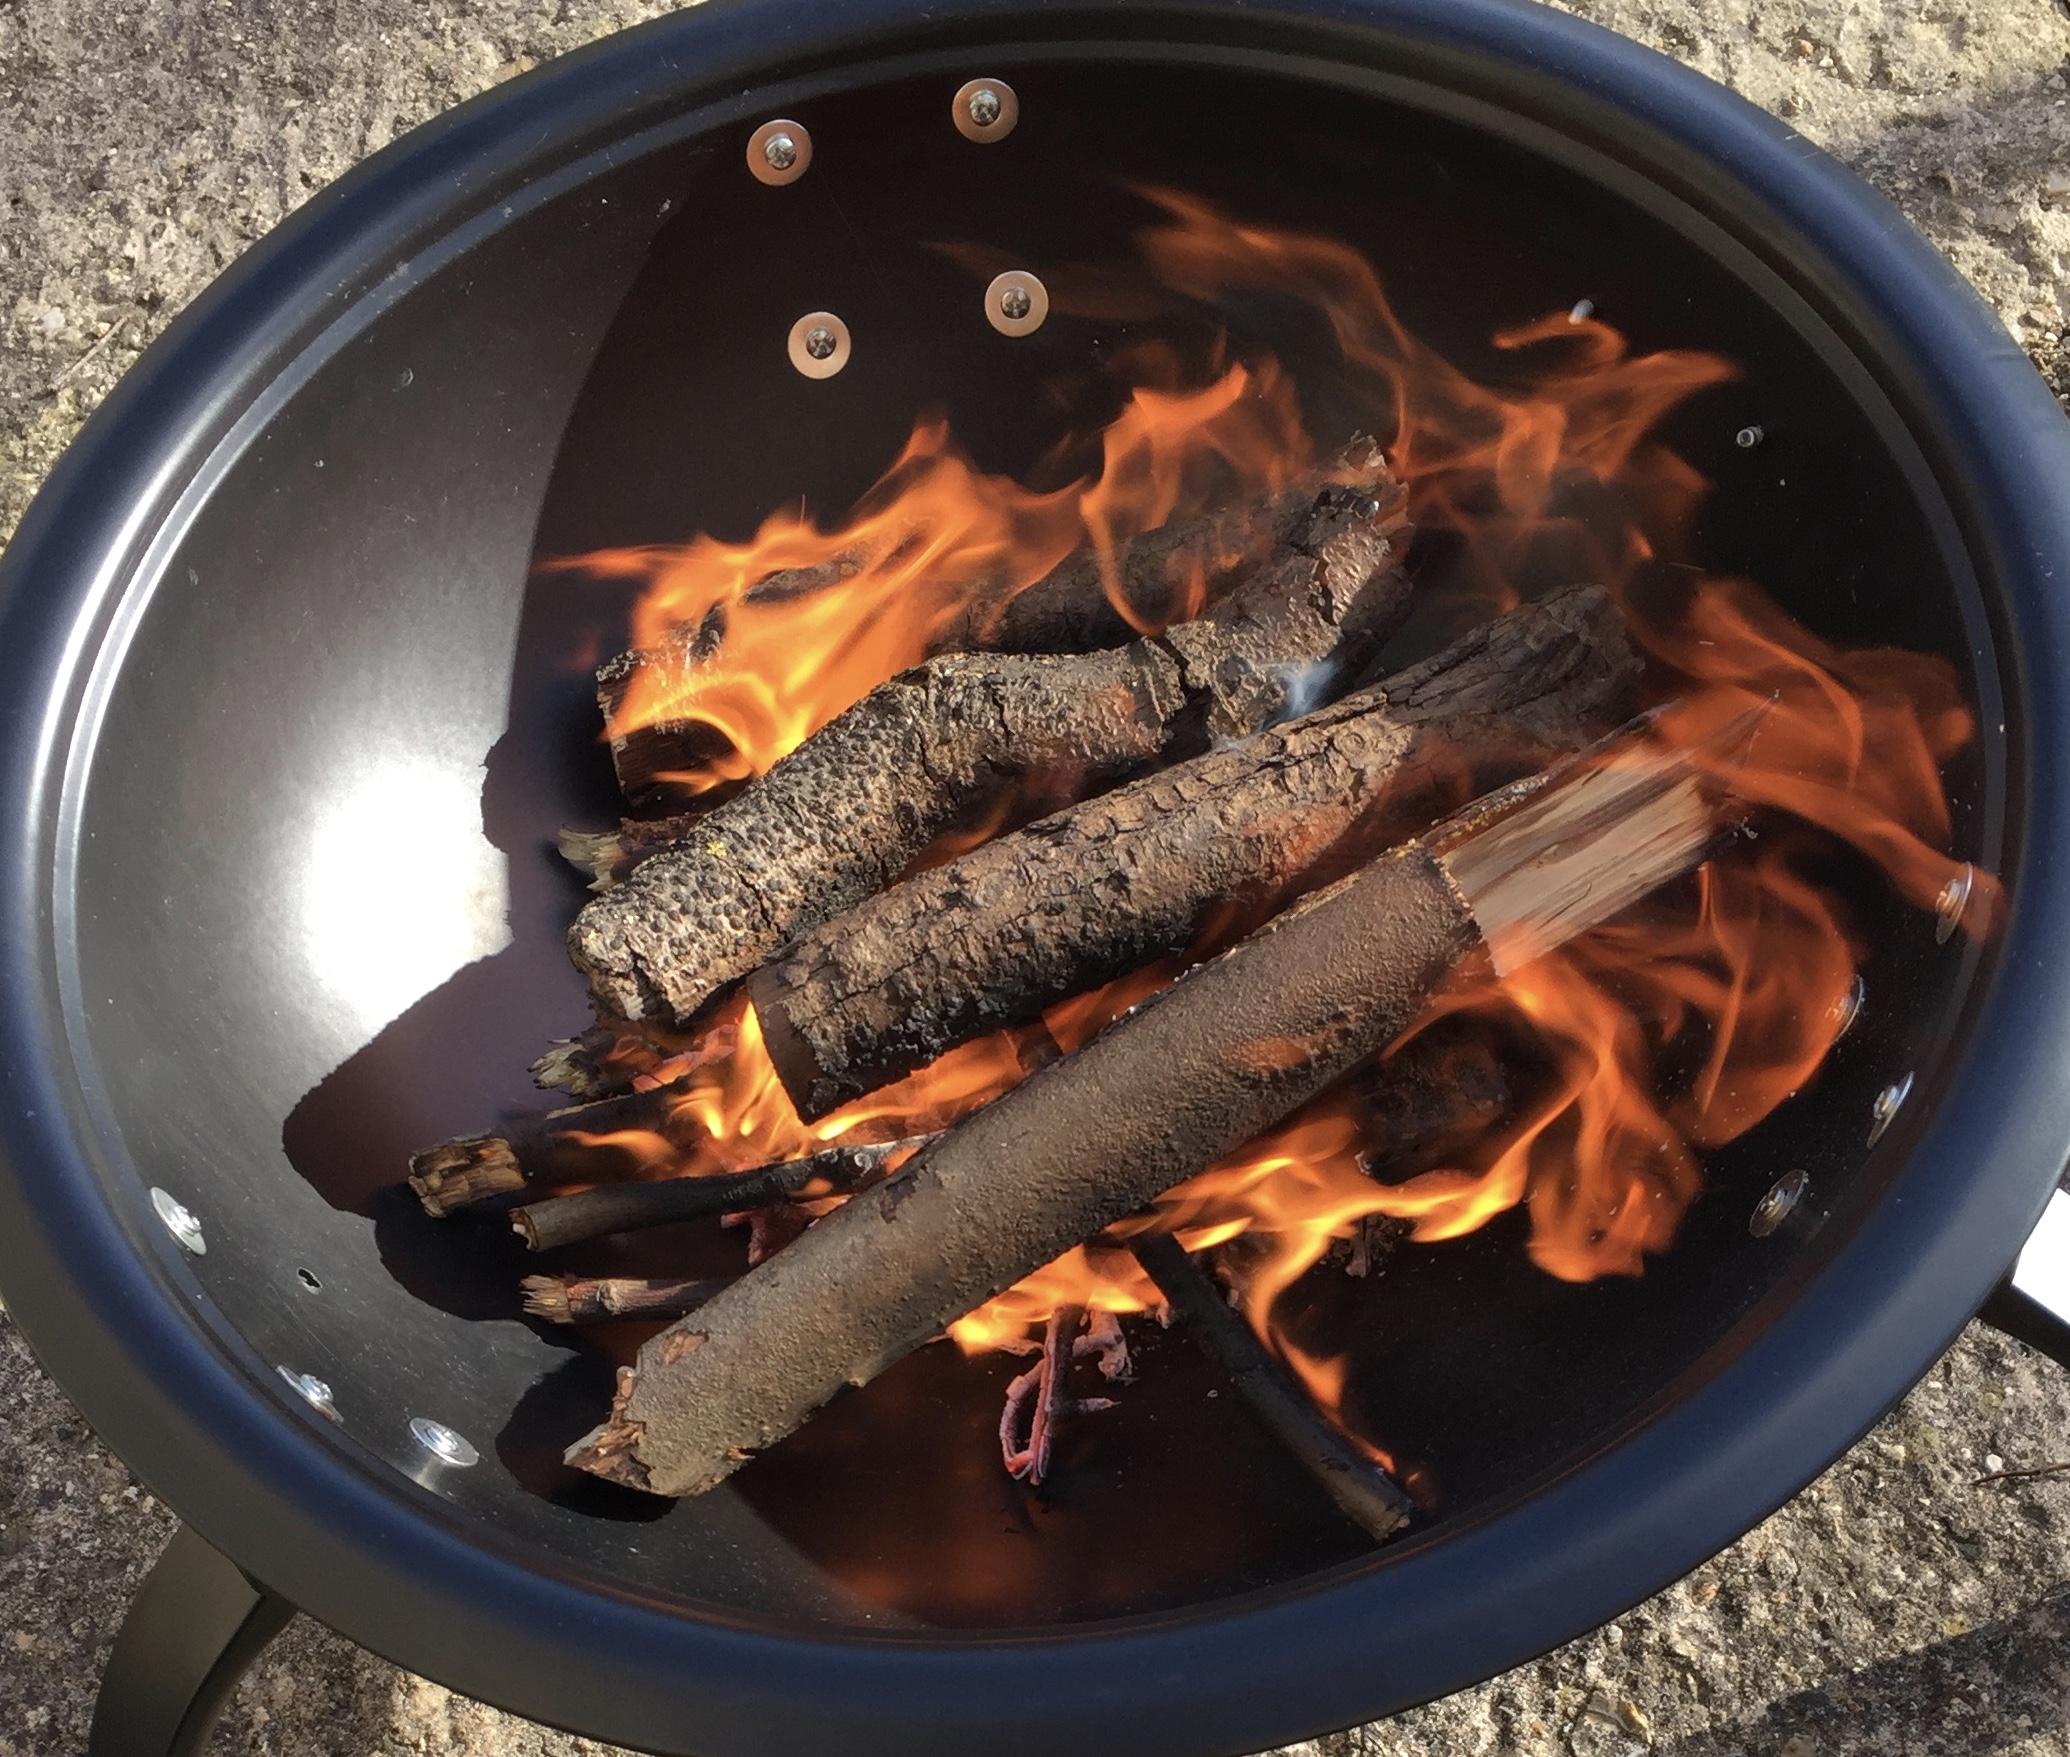 Fire - Enjoy the heat.